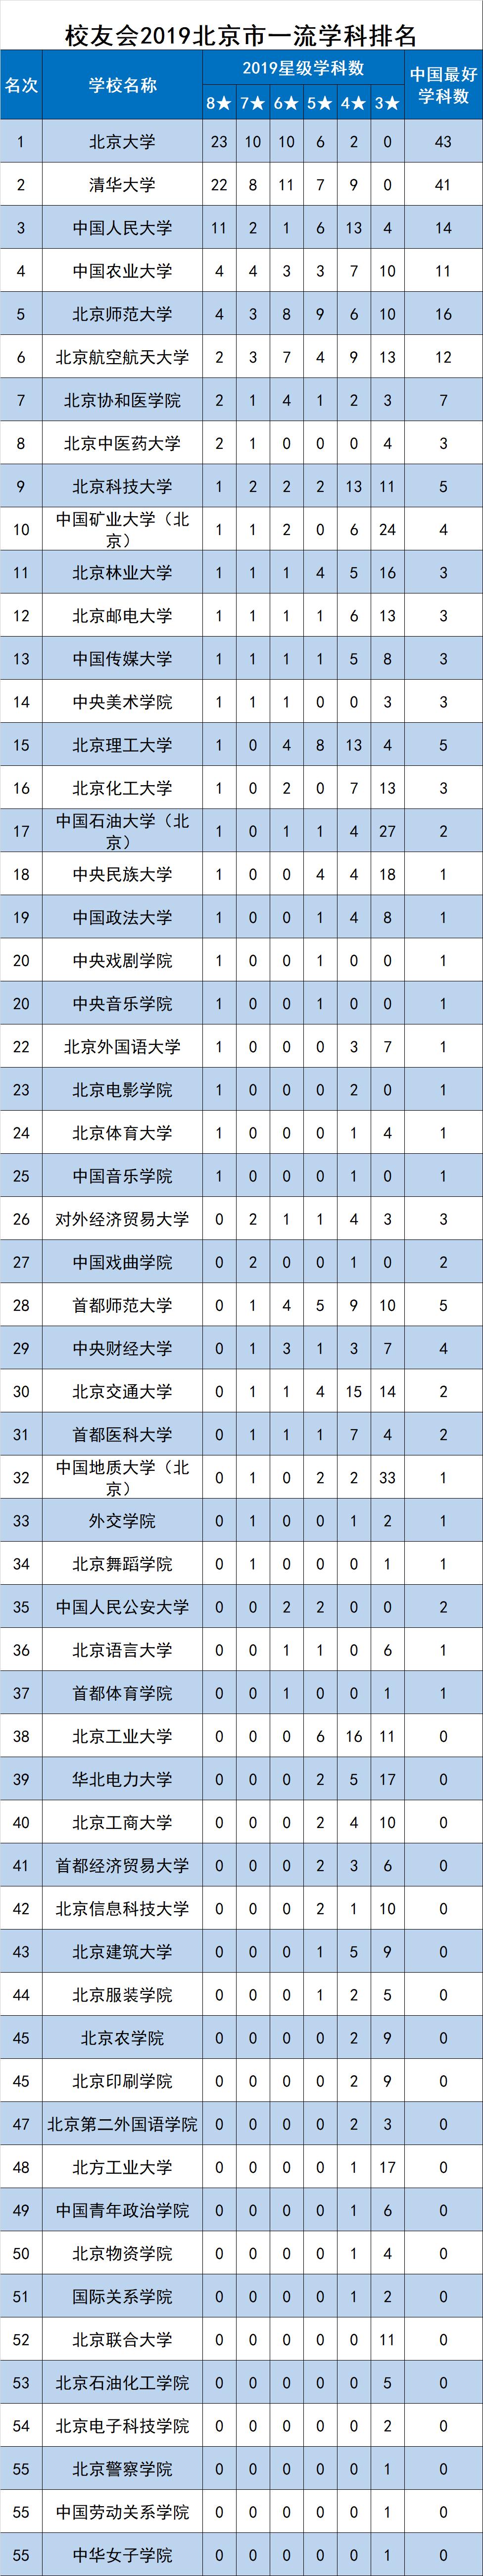 校友会2019北京市一流学科排名,北京大学第一